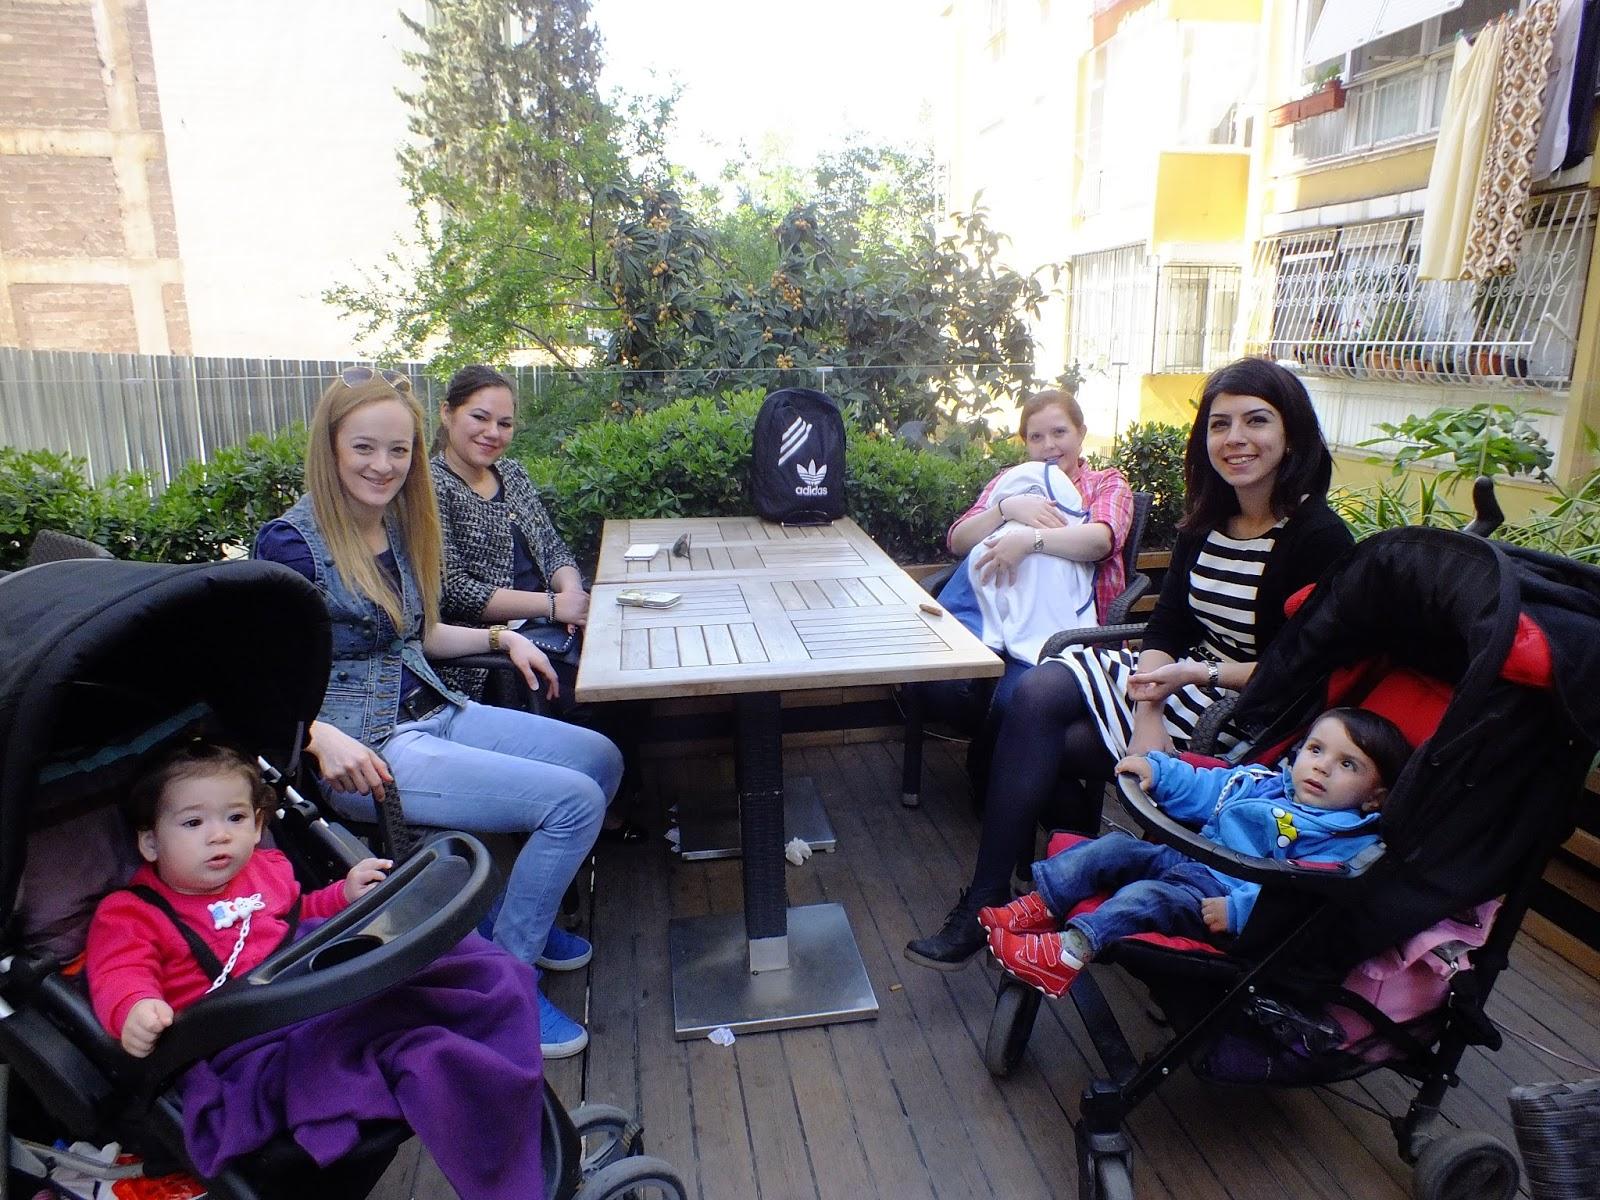 Anasayfa,Yağız,Yağız Büyüyor, Annelik, Antalya,Antalya anneleri,buluşma